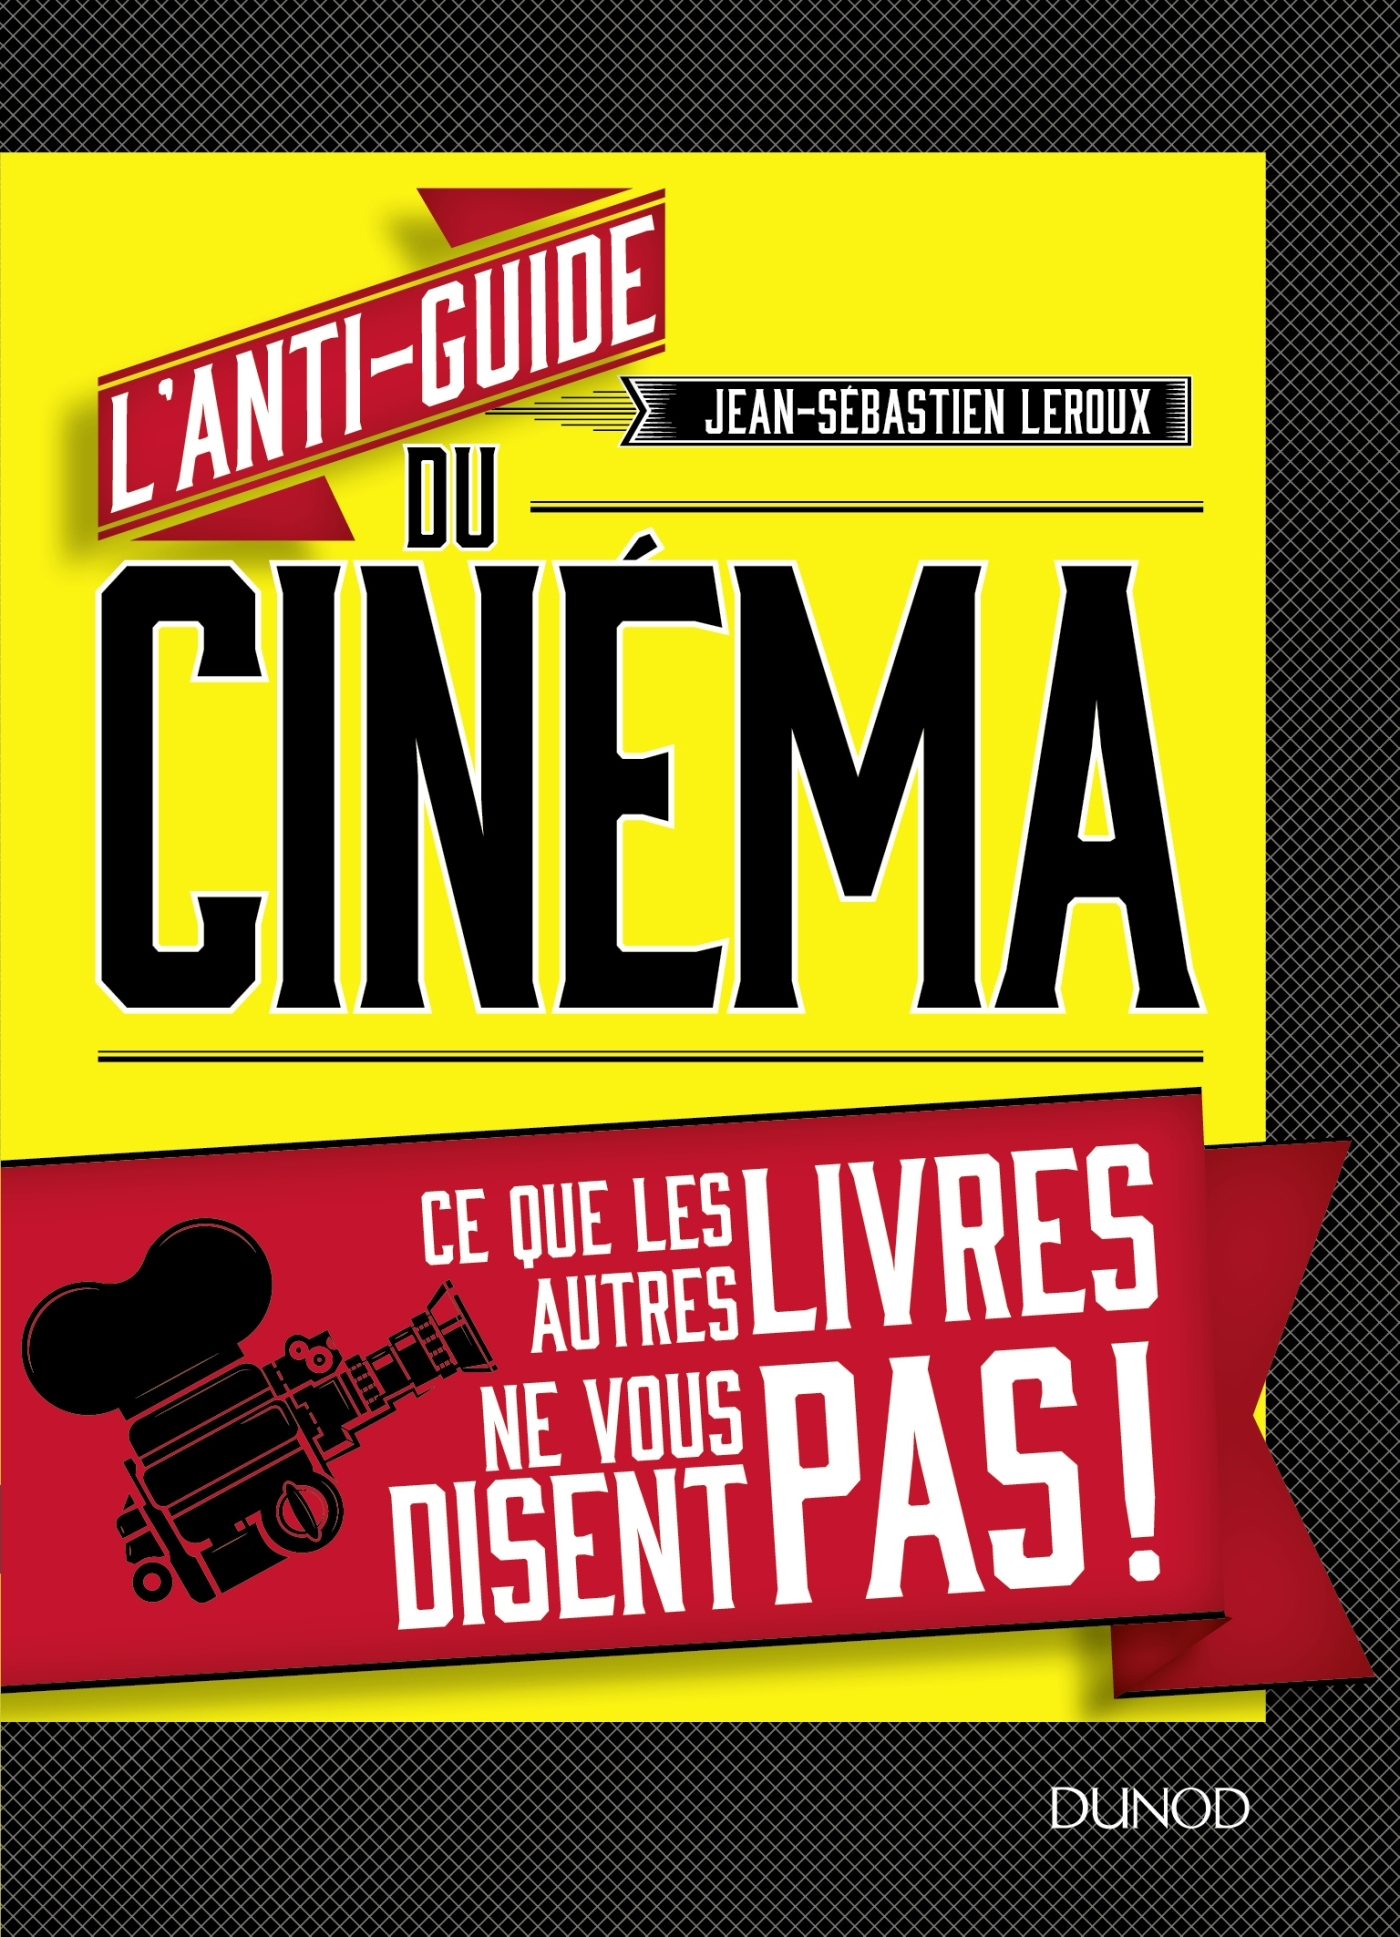 L'ANTI-GUIDE DU CINEMA - CE QUE LES AUTRES LIVRES NE VOUS DISENT PAS !